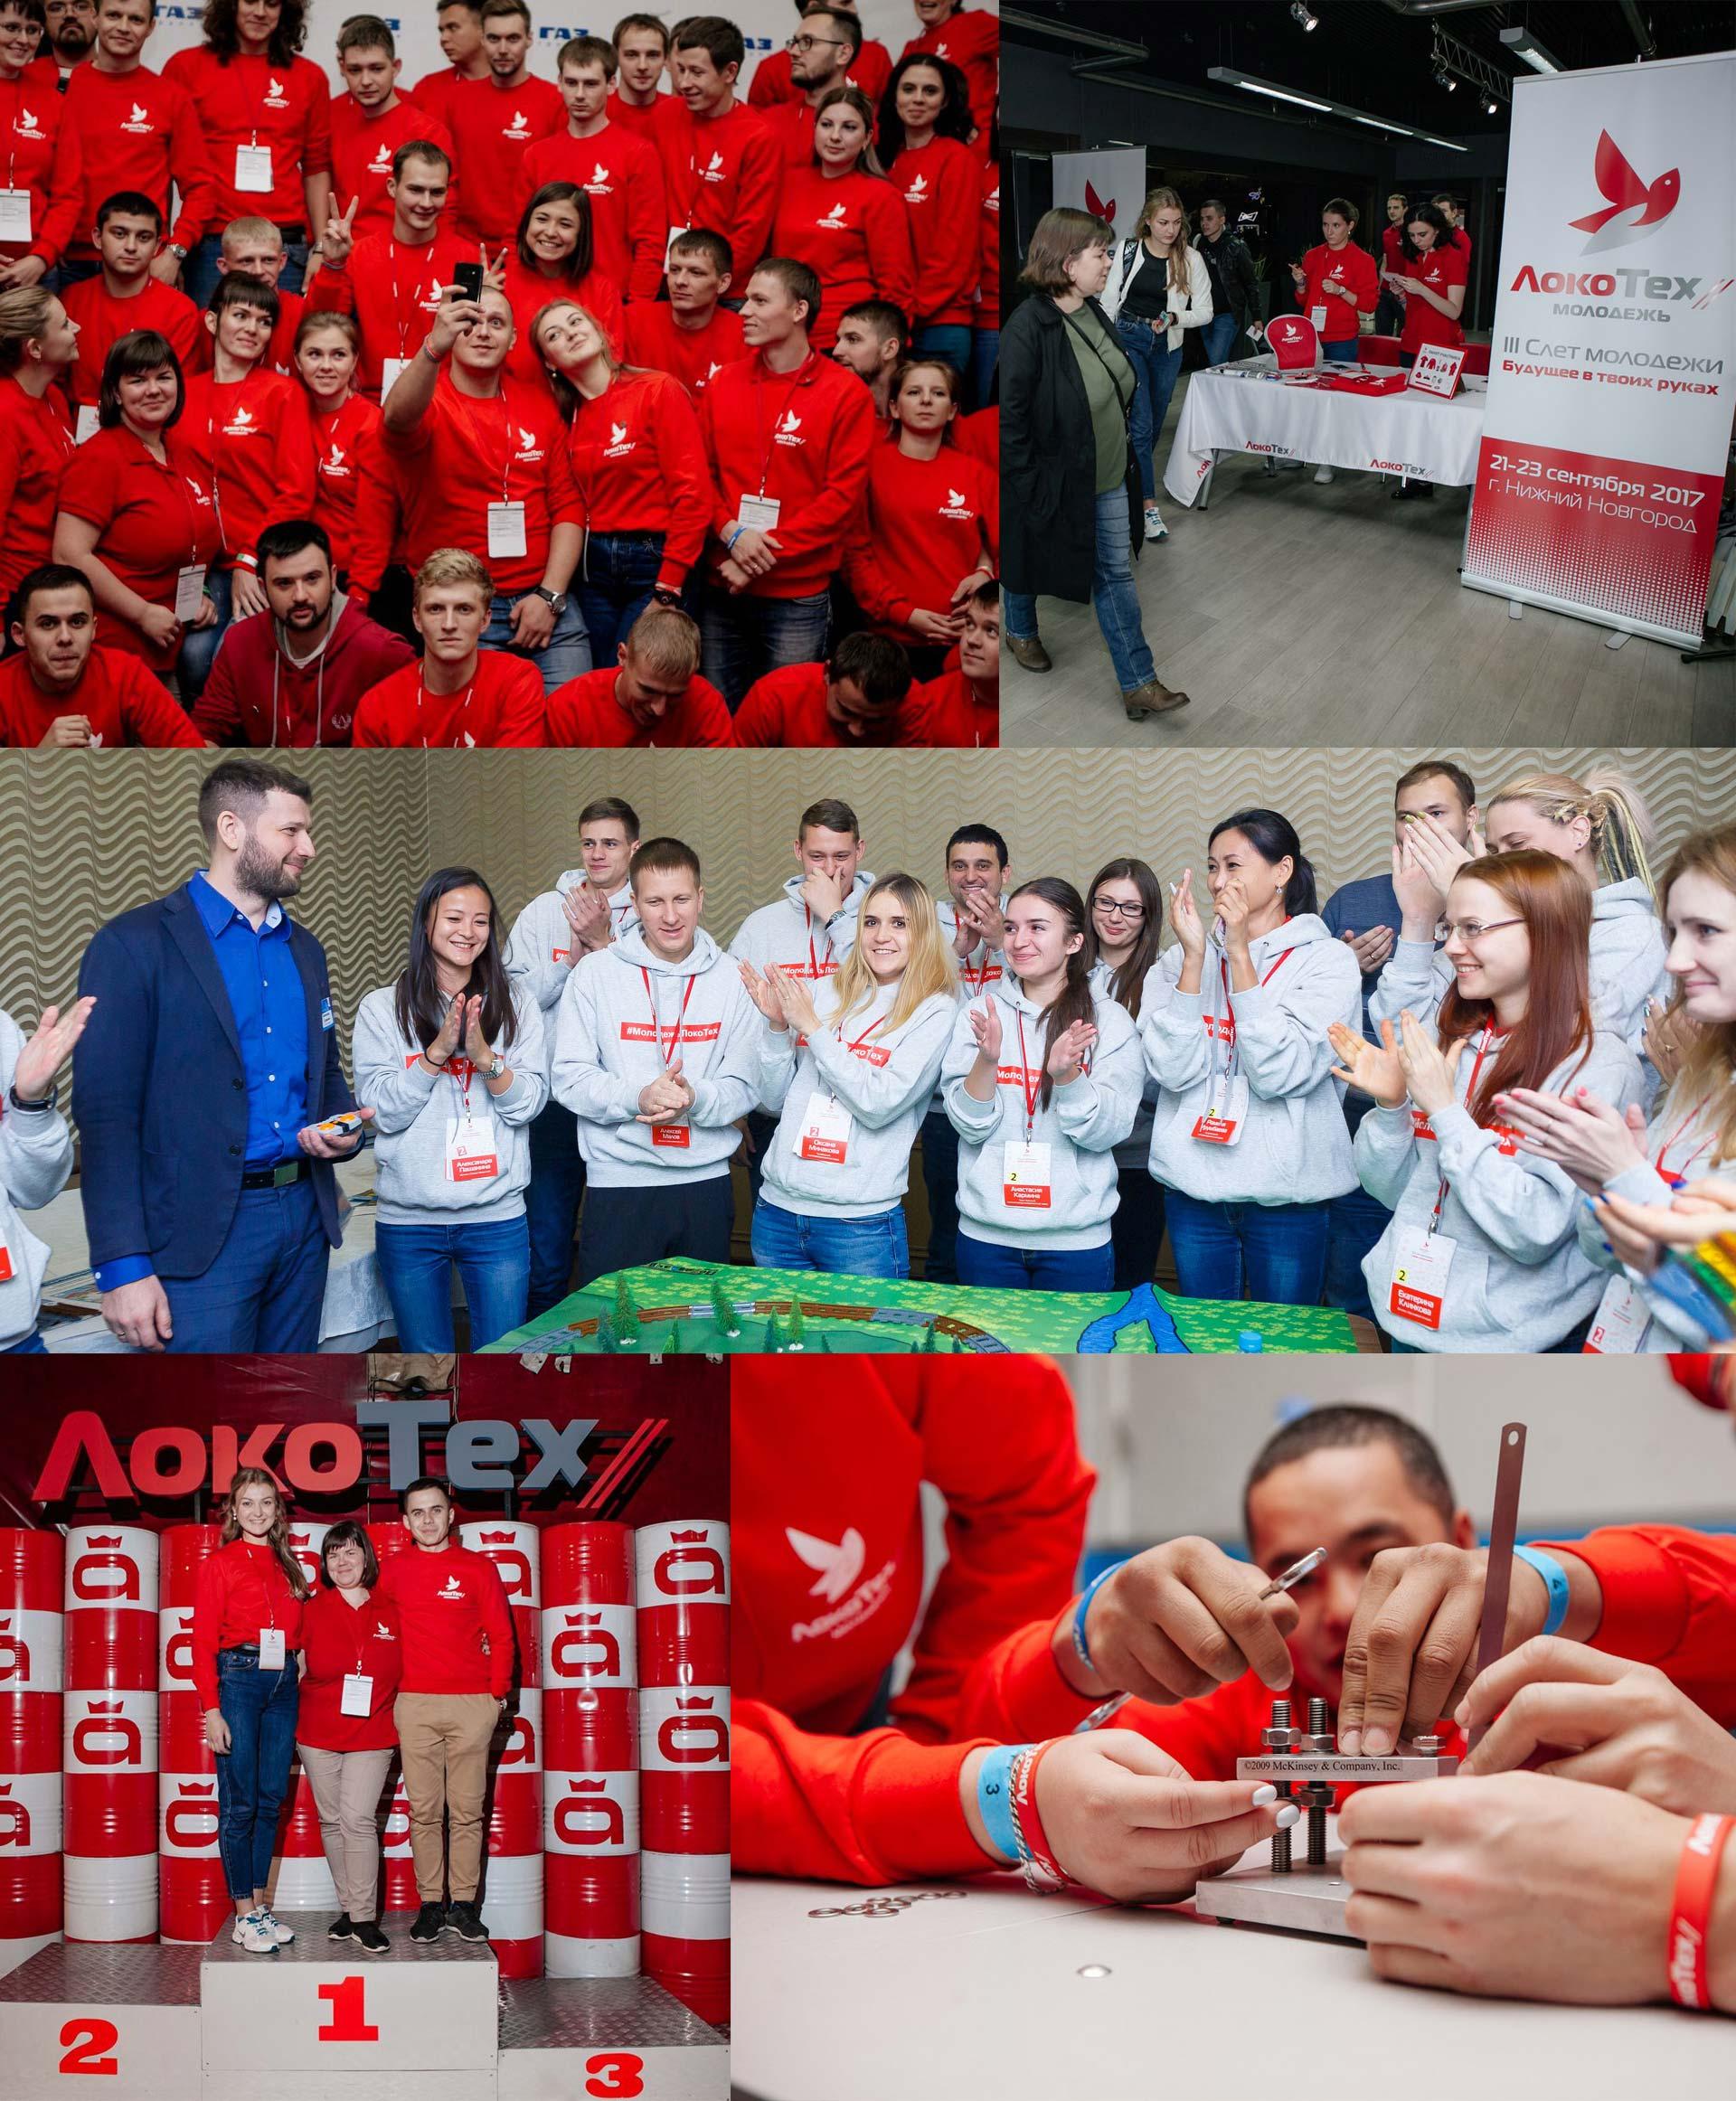 брендбук молодежной организации